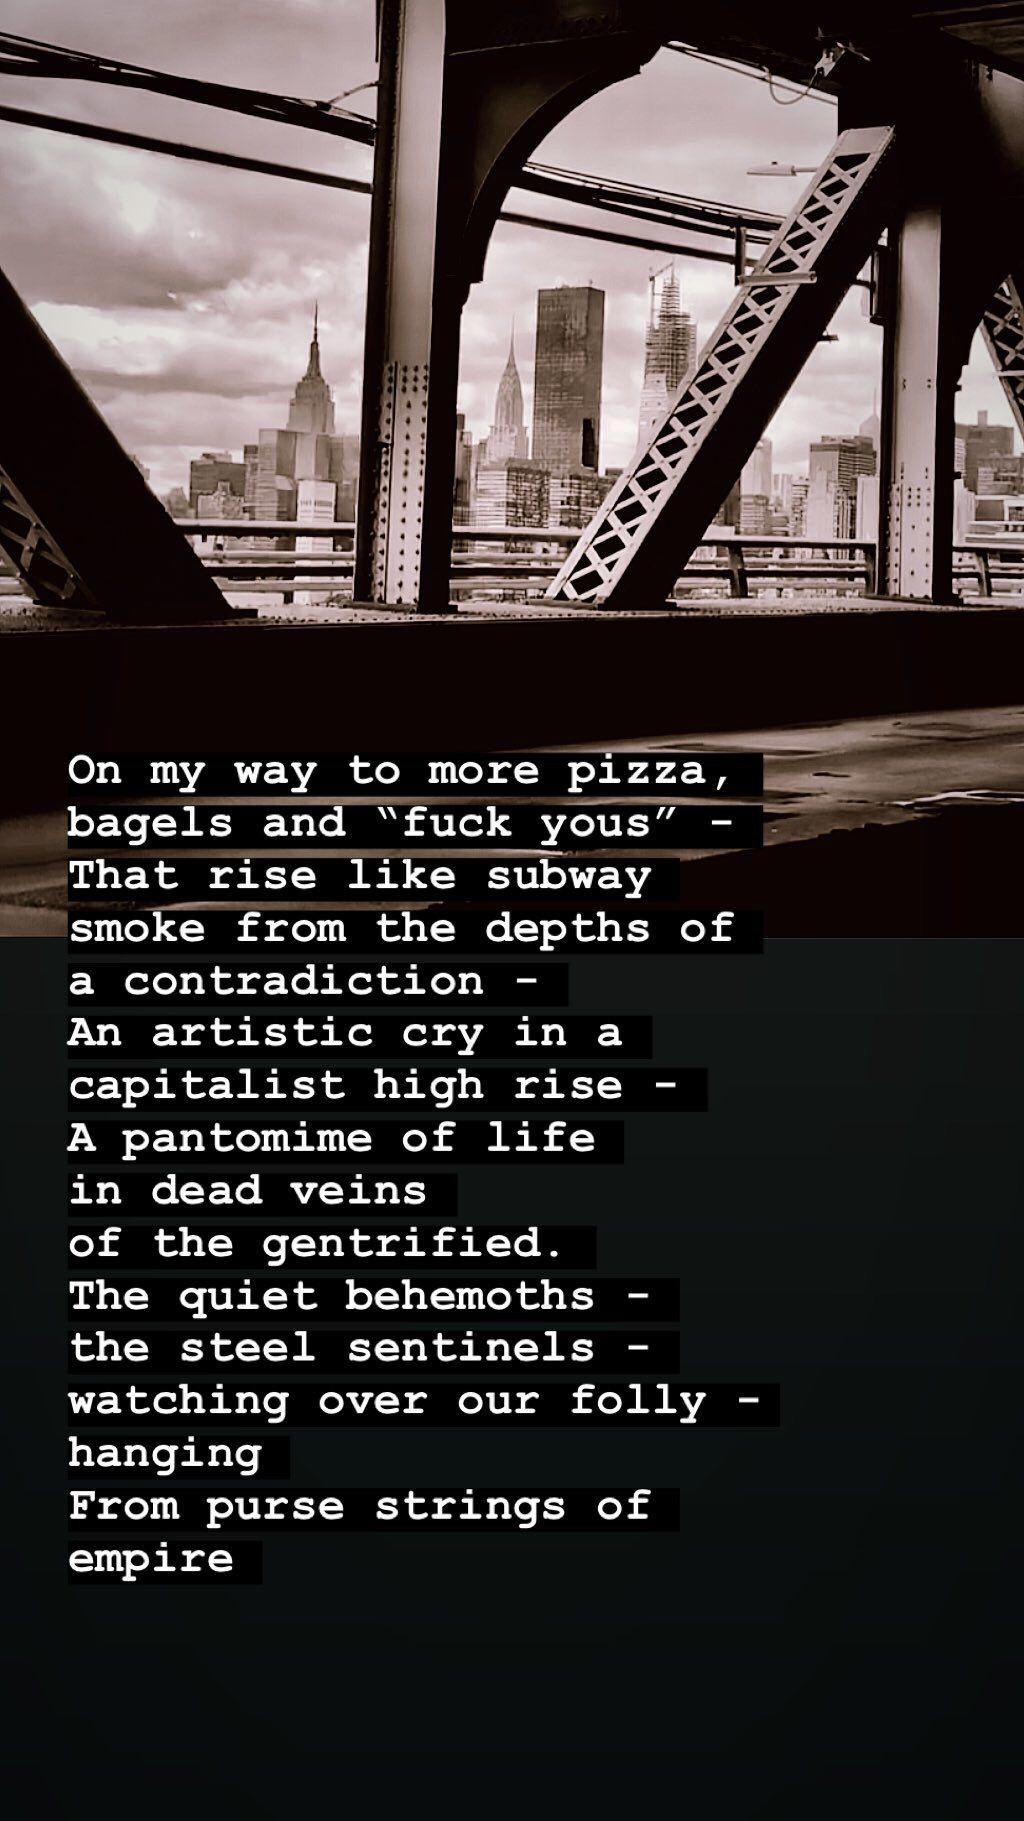 new york bridge with poetry